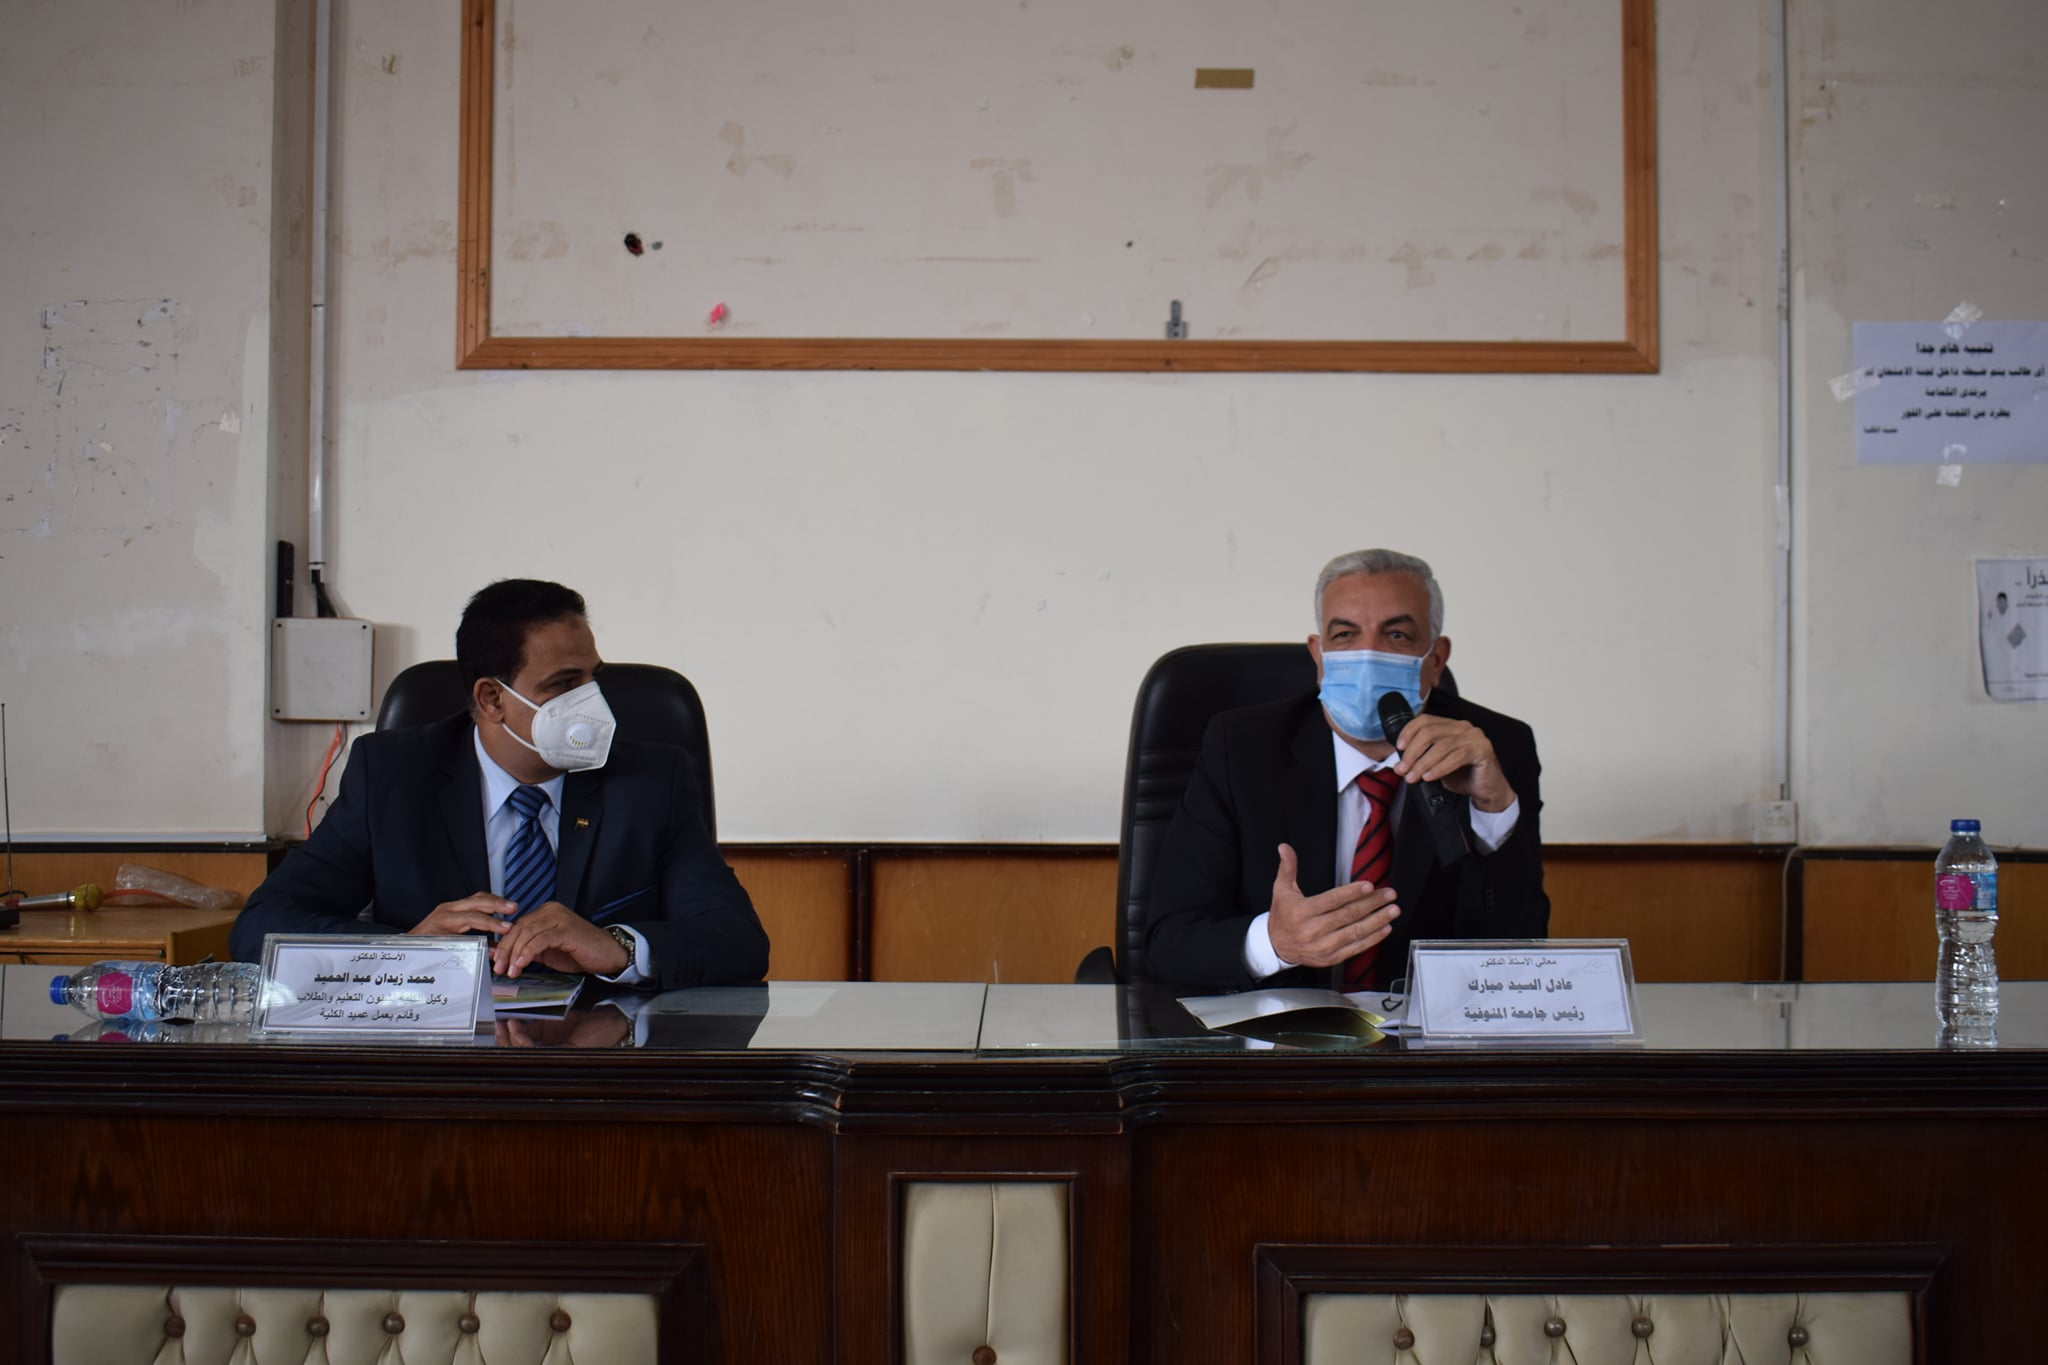 """""""مبارك"""" يشهد ترشيح لجنة اختيار العميد على هامش مجلس الكلية بالنوعية"""